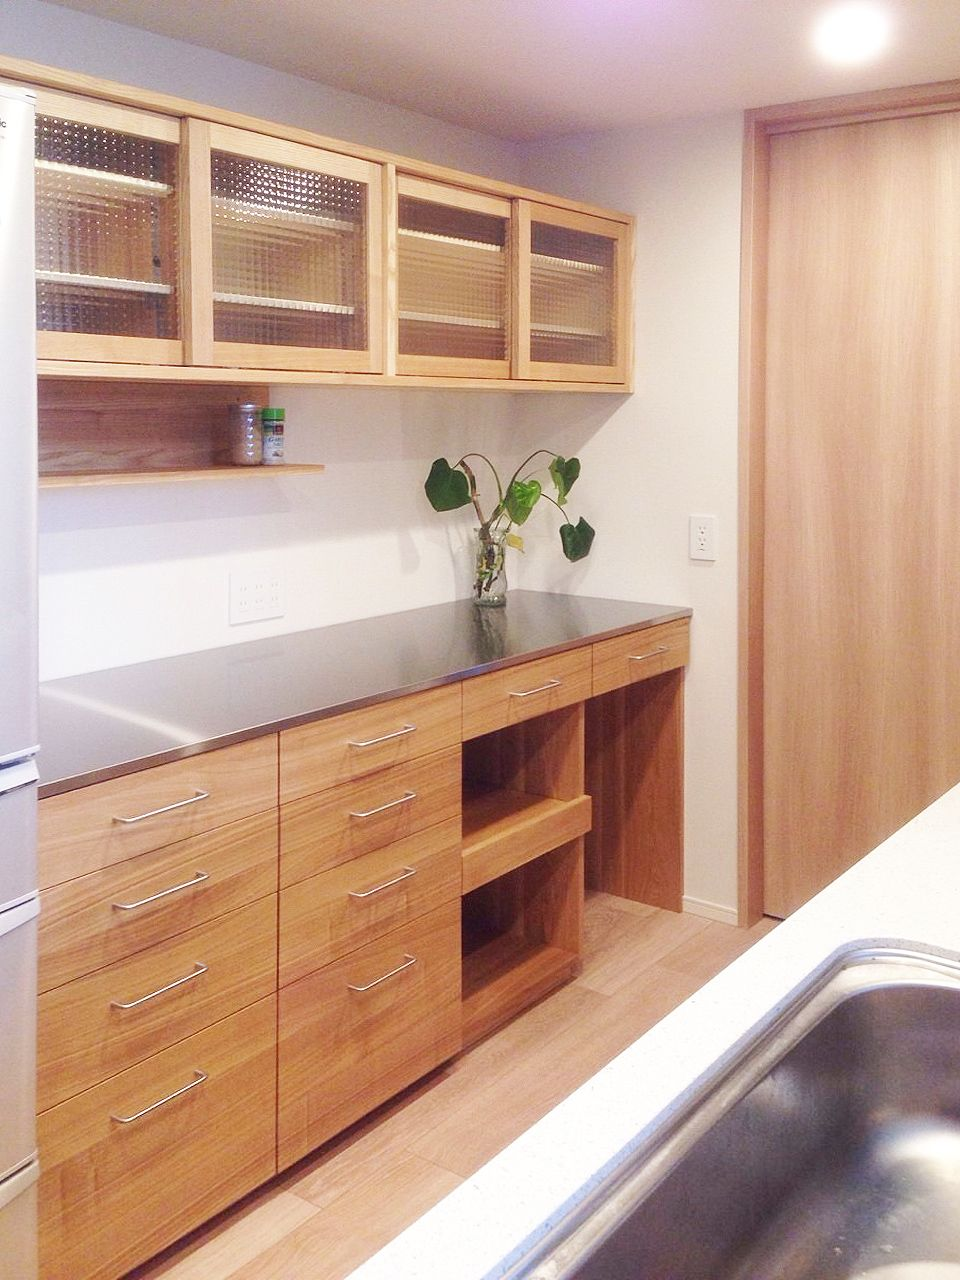 オーダー家具 キッチン背面収納 関西 大阪 リビング キッチン